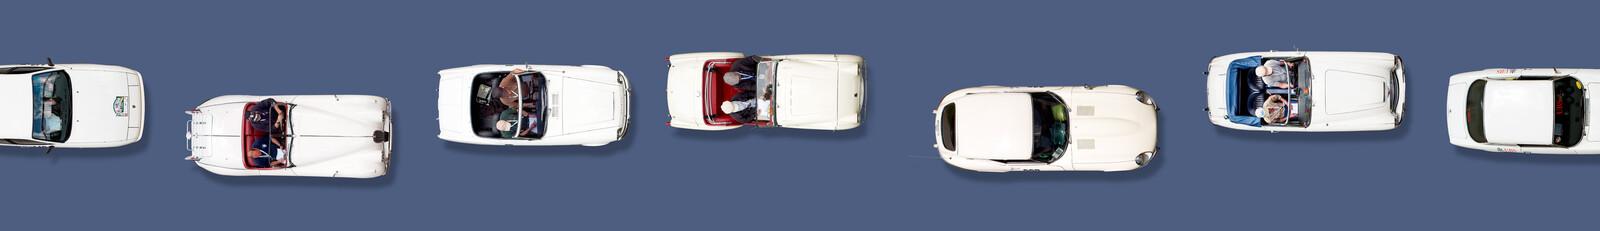 white car - Bernhard Schmerl